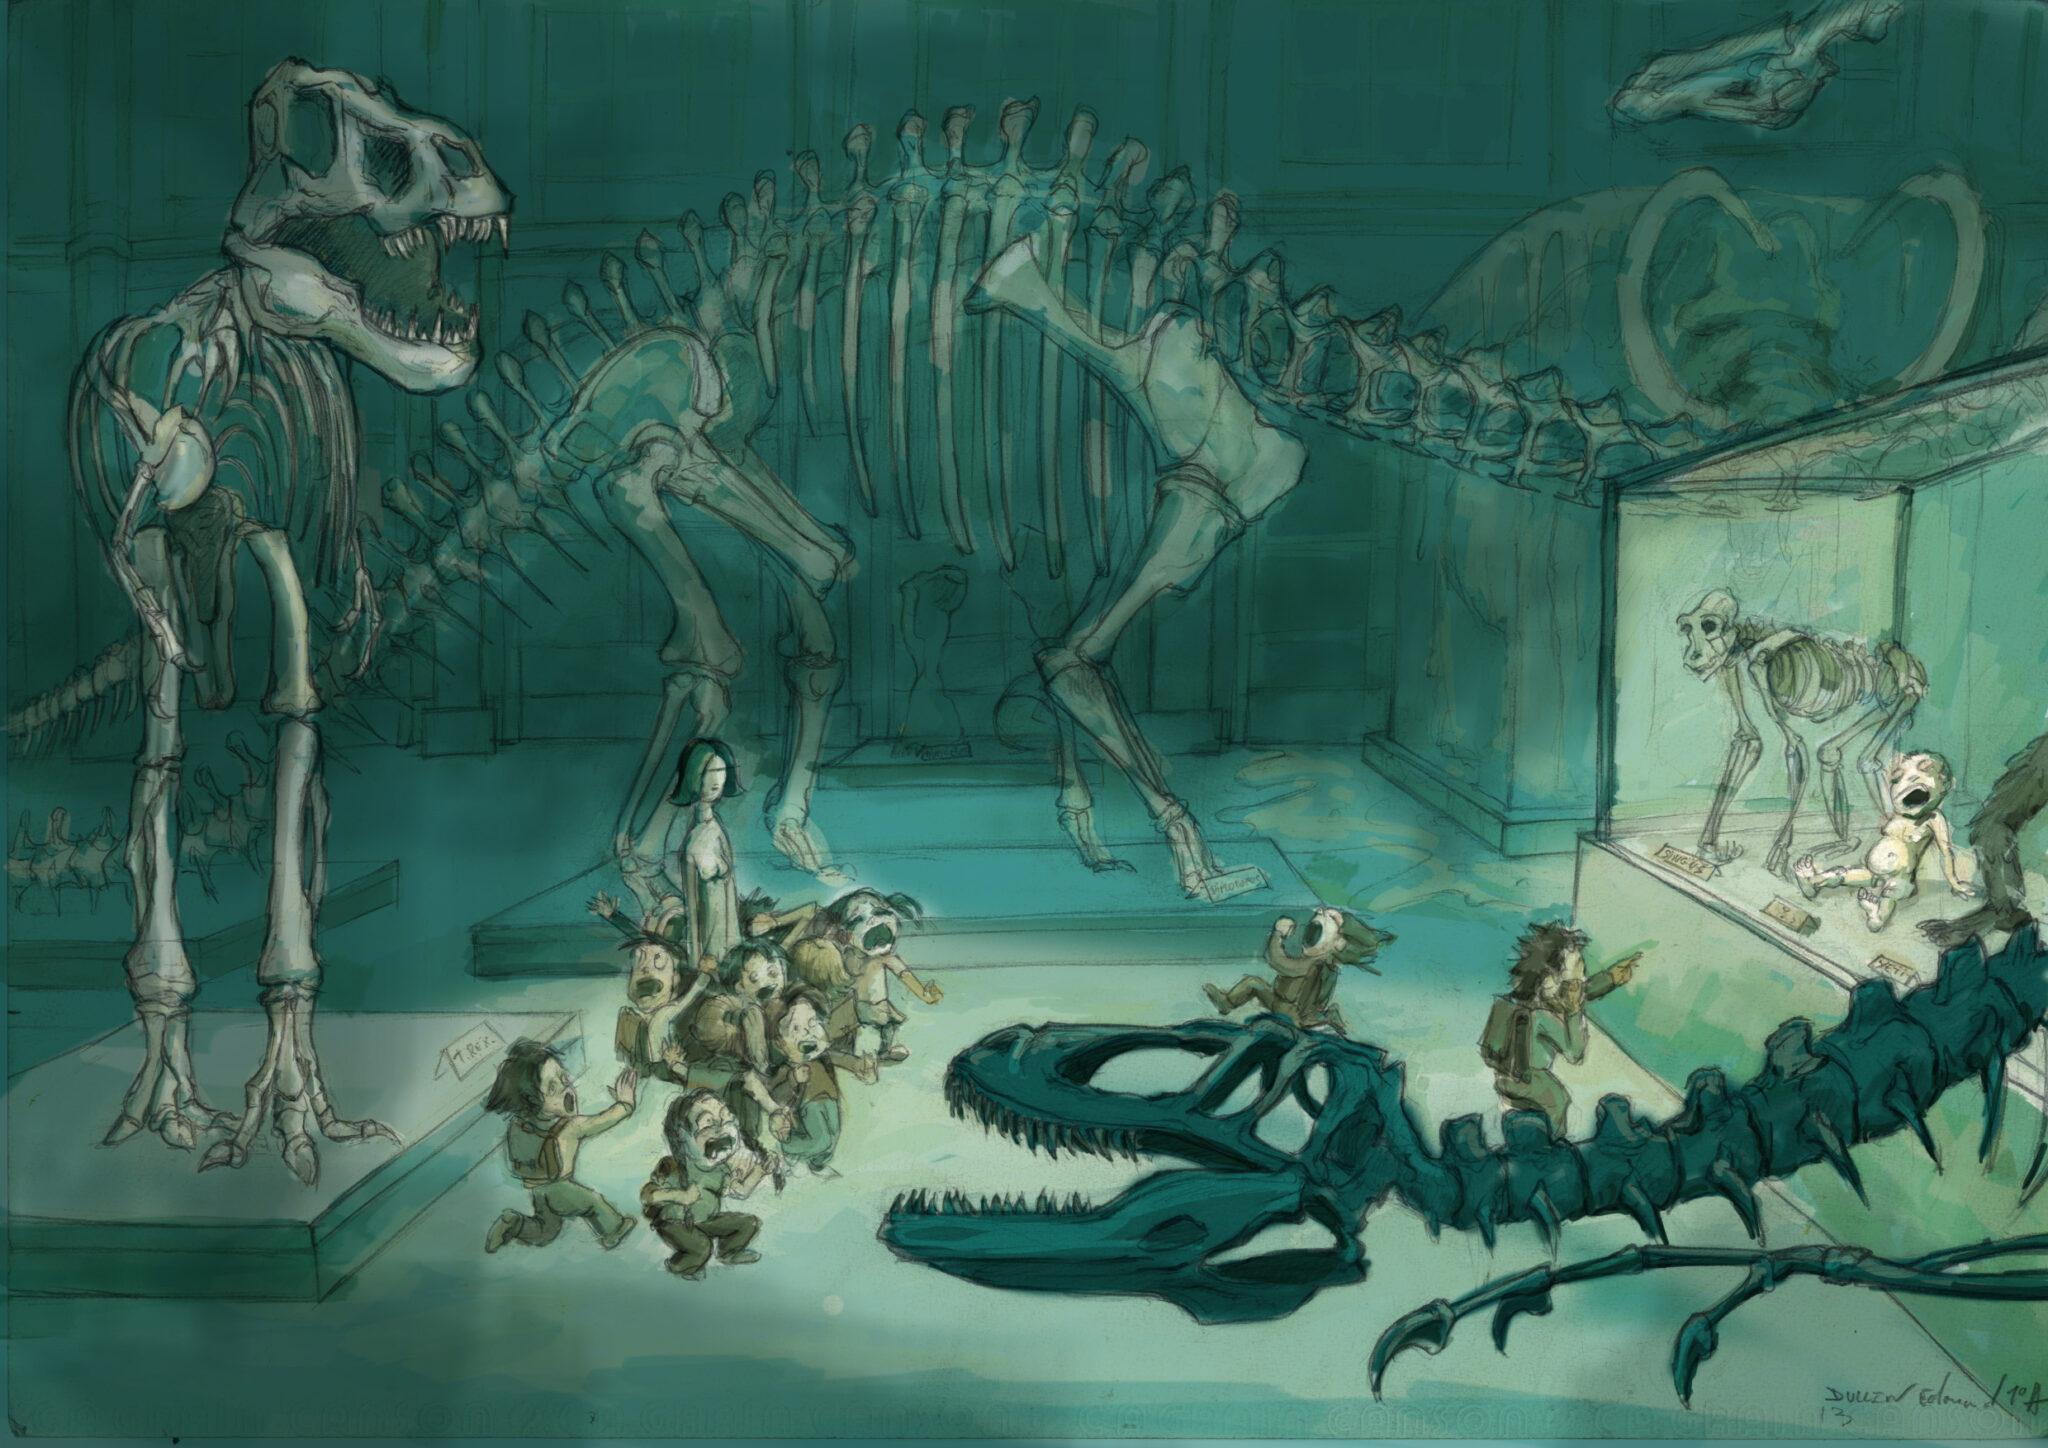 Sortie au muséum d'histoire naturelle (crayon, aquarelle)